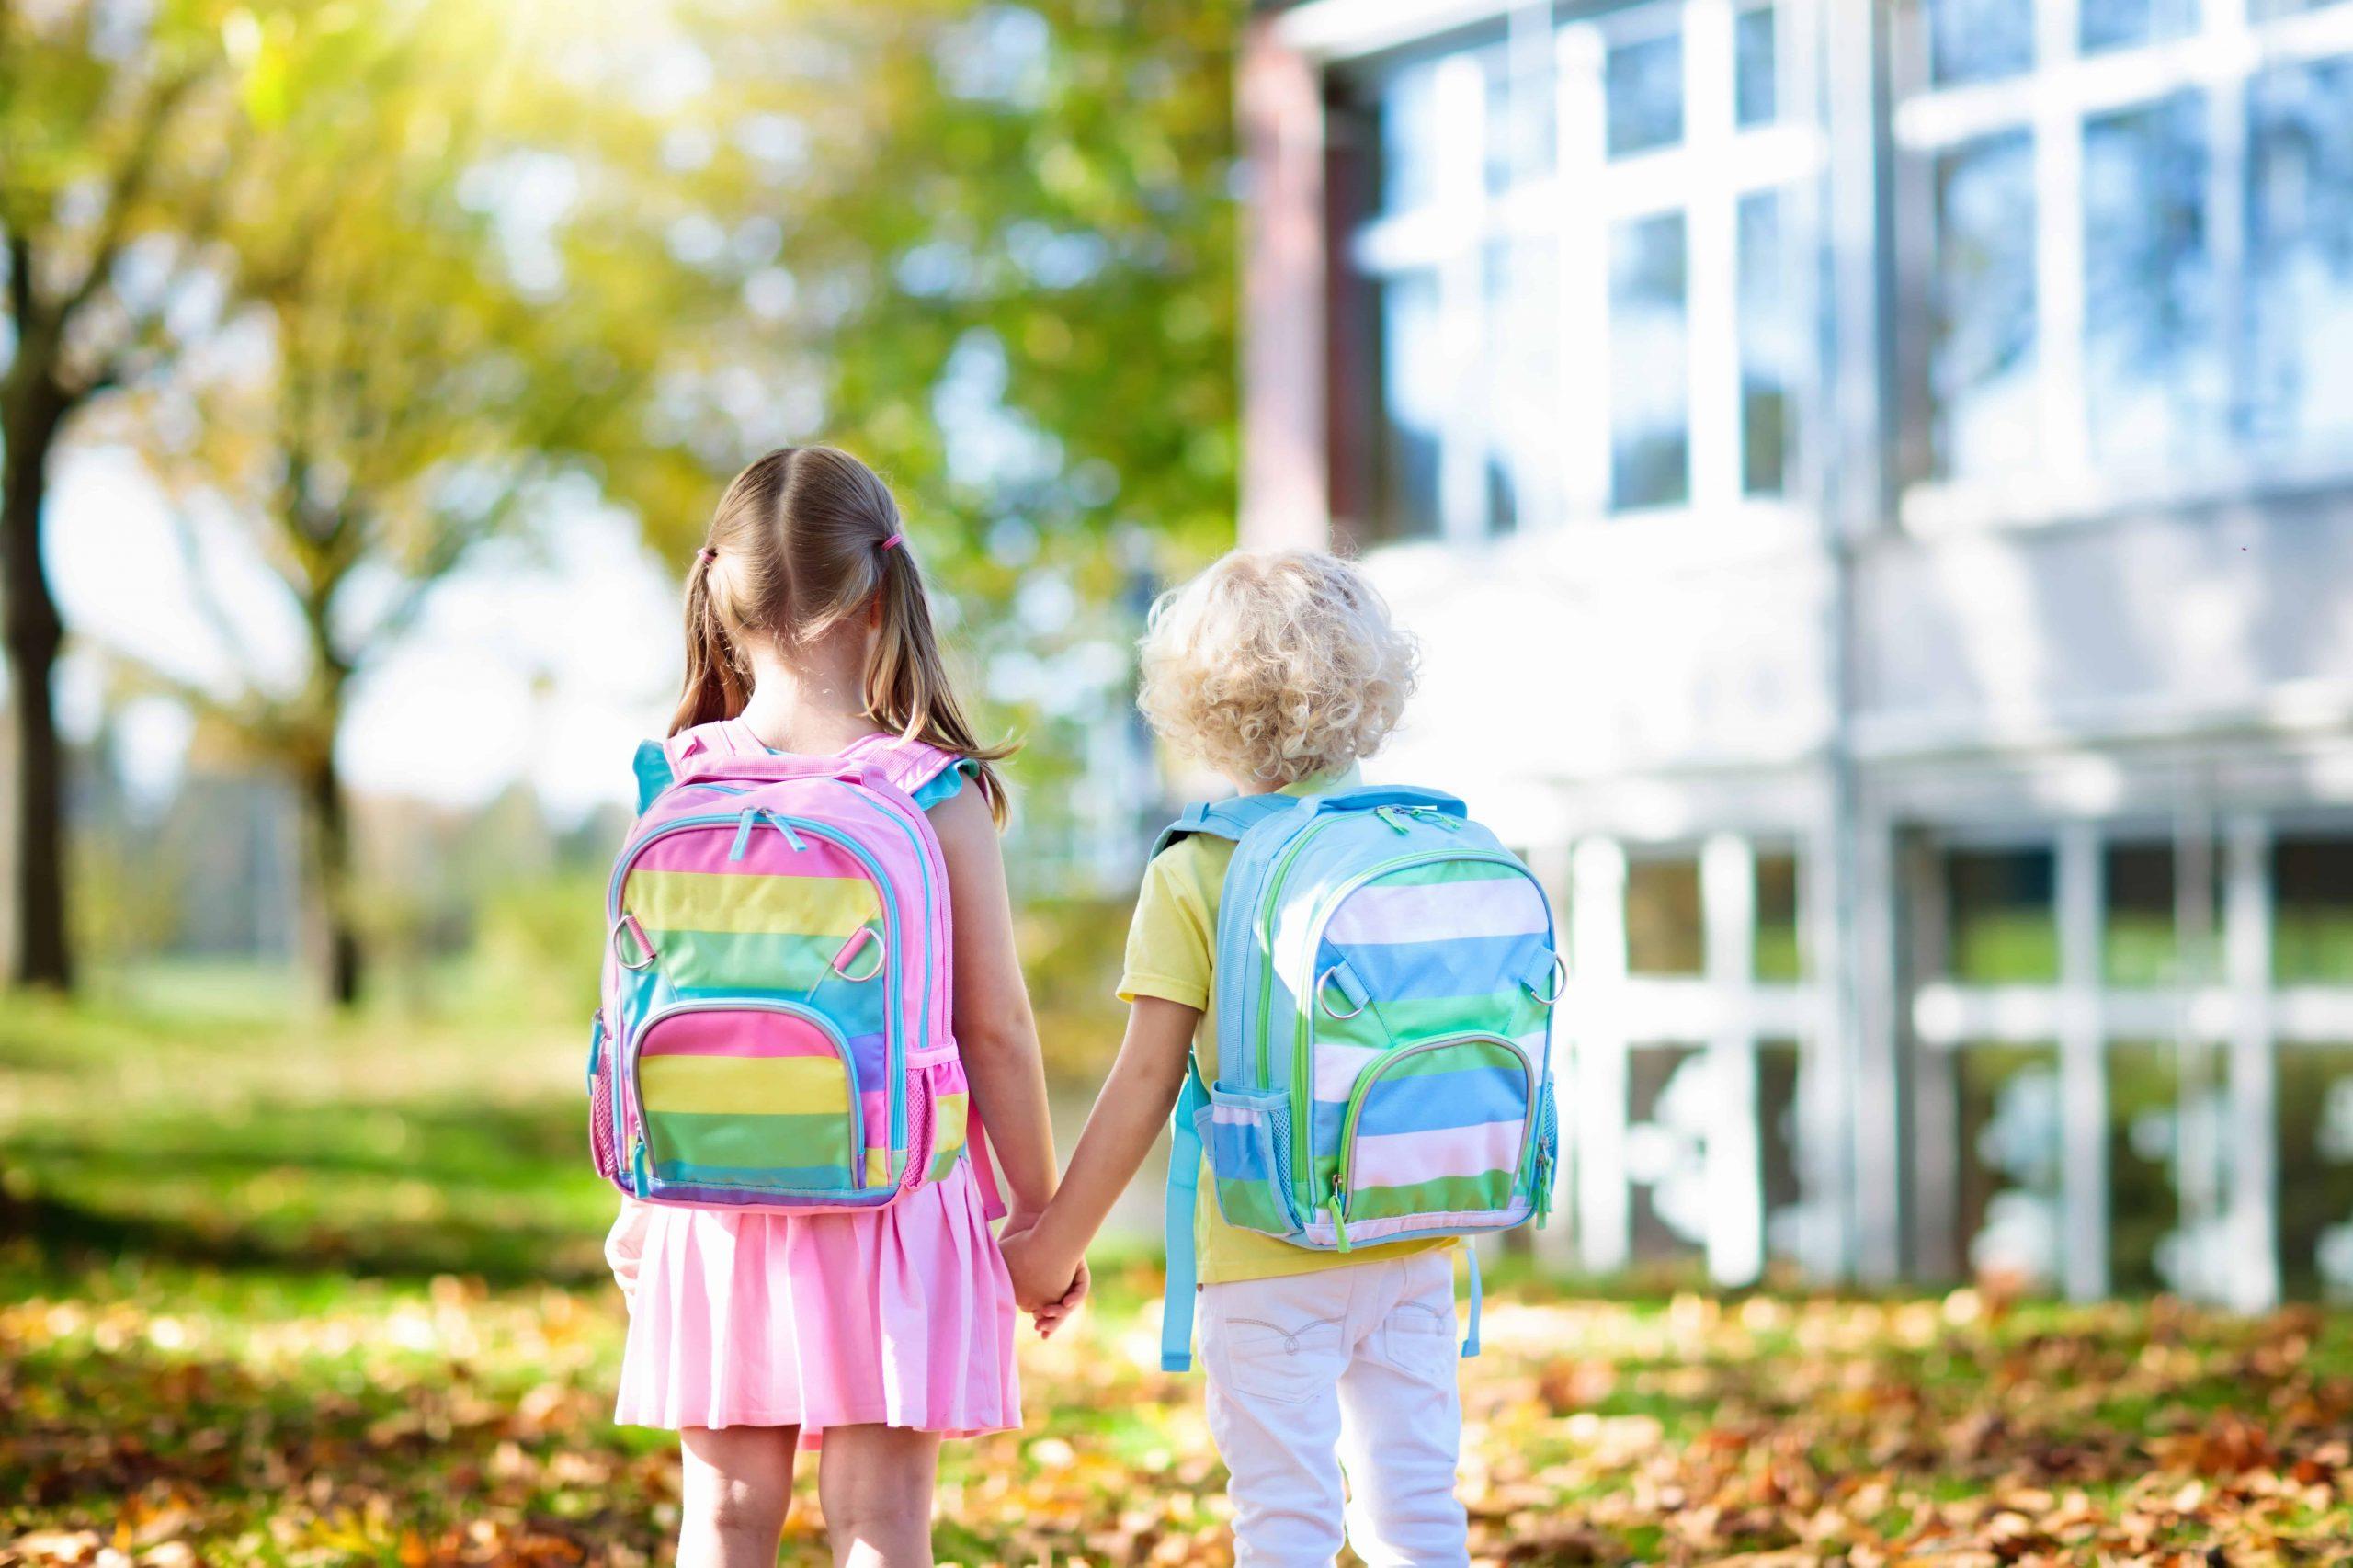 Kindergartenrucksack: Test & Empfehlungen (04/21)